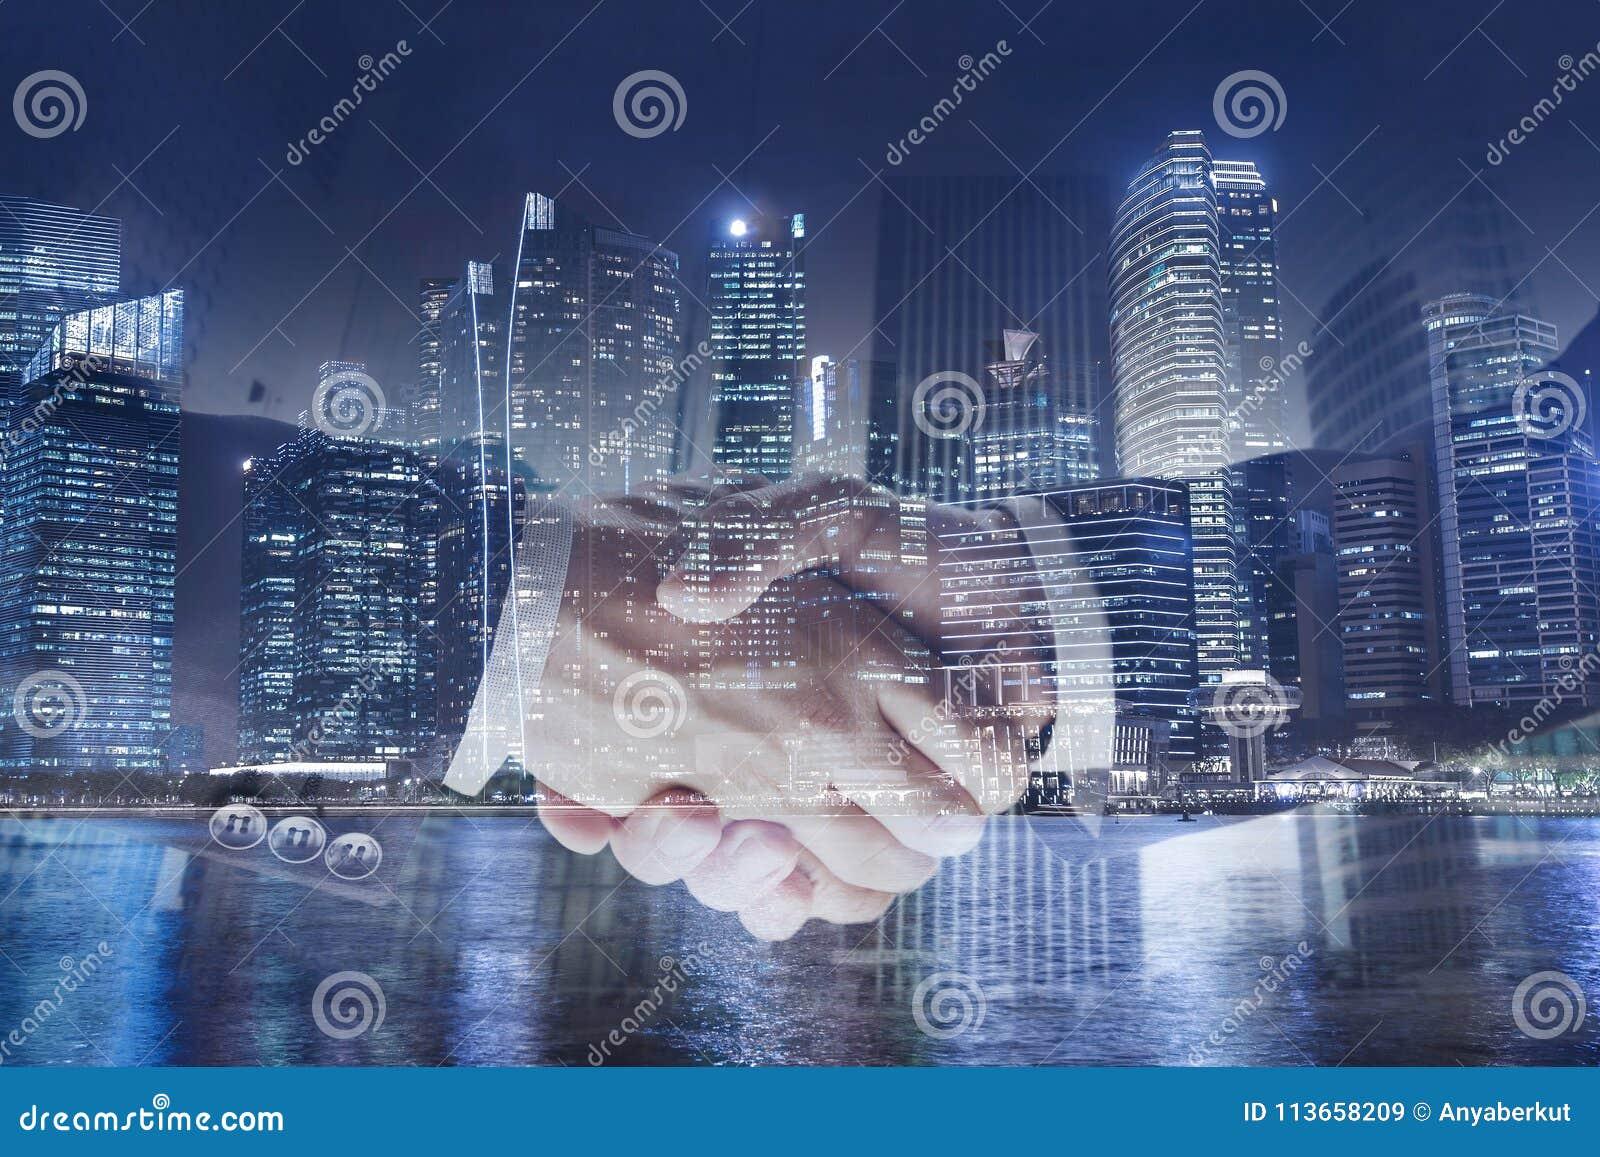 Концепция дела сотрудничества, двойная экспозиция рукопожатия, сотрудничество или партнерство